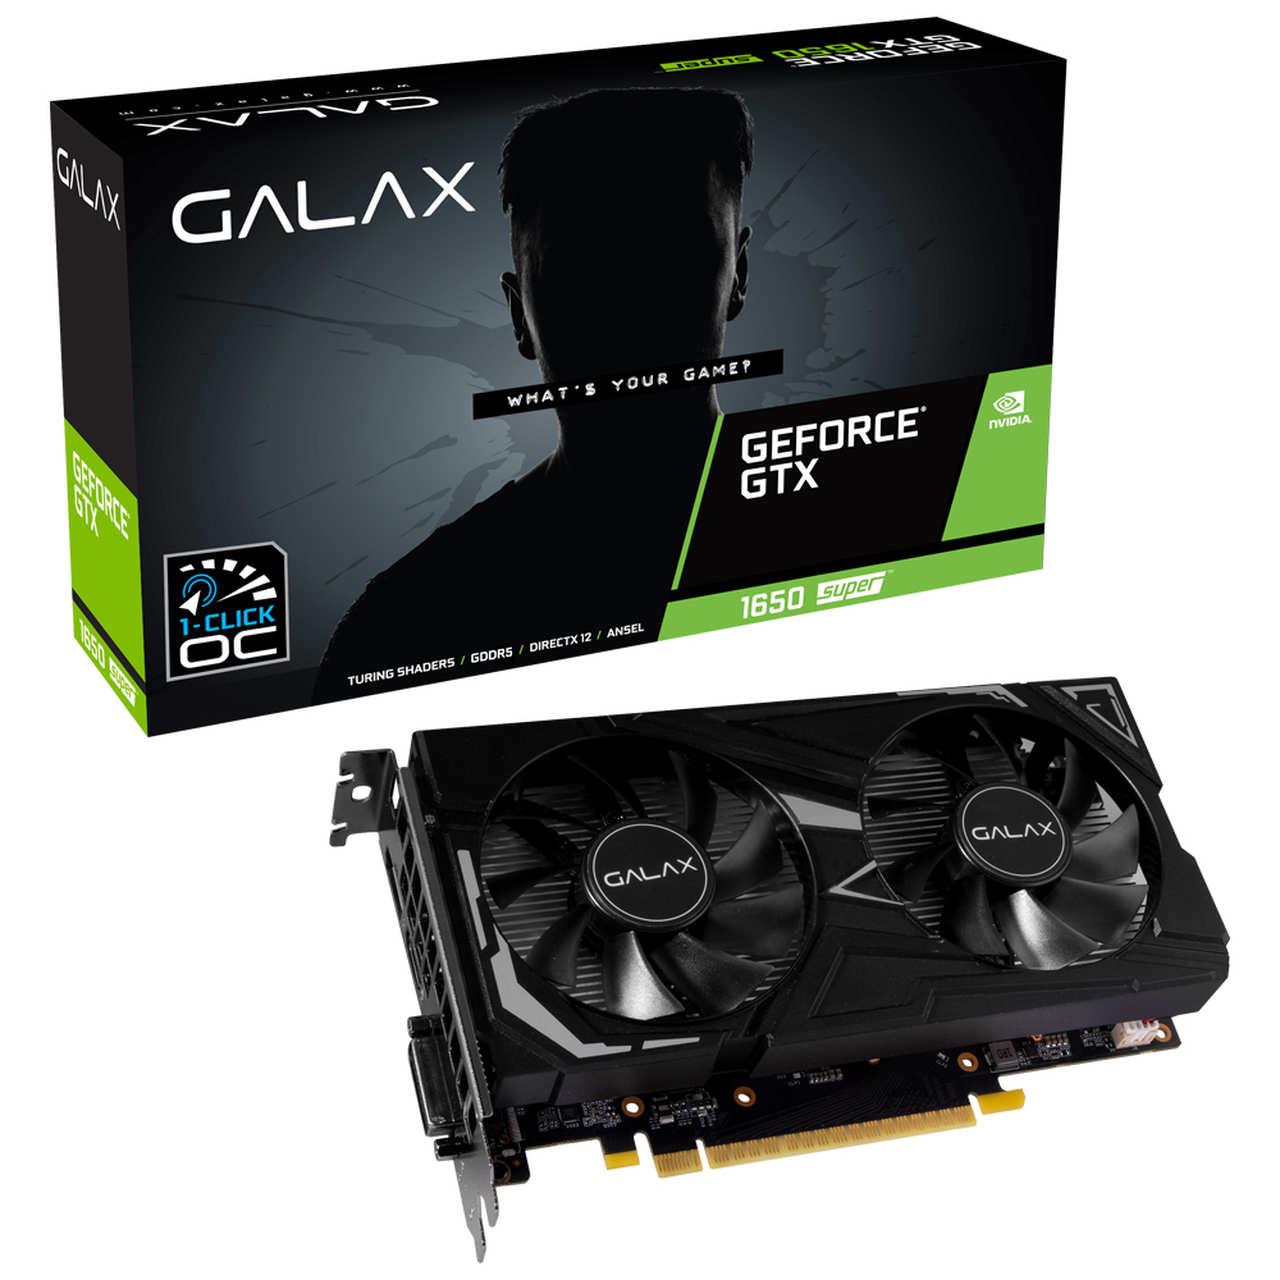 Gpu NV GTX1650 4GB Super EX 1CLICK OC G6 128B Galax 65SQL8DS61EX